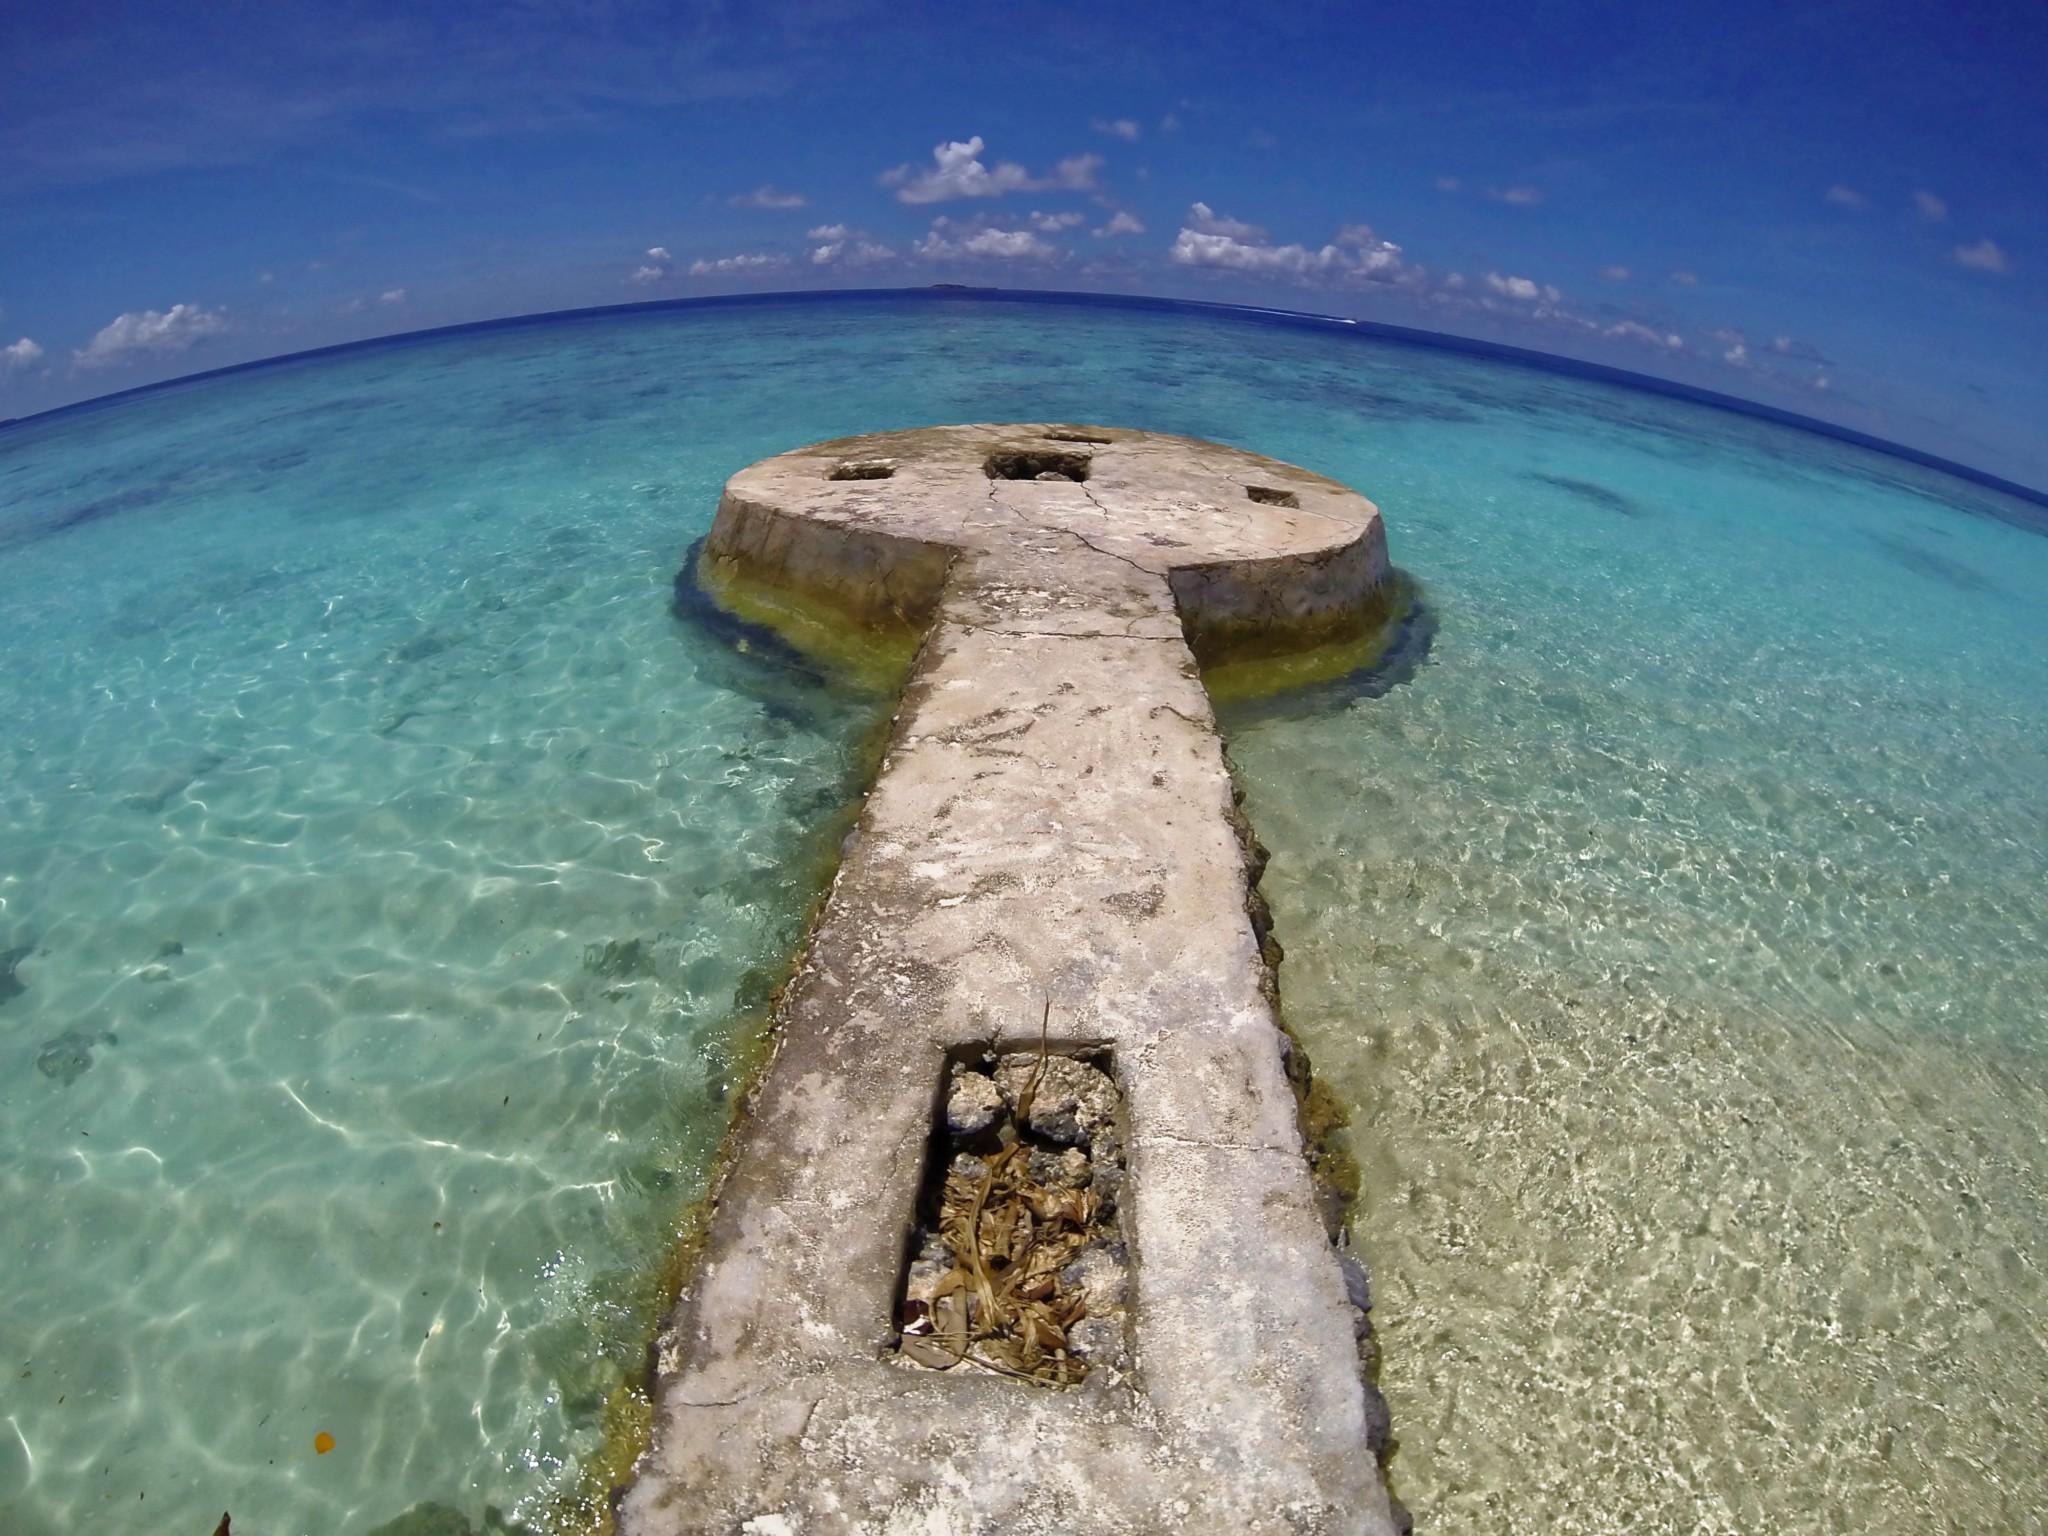 Betonsteg - Insel Bandos